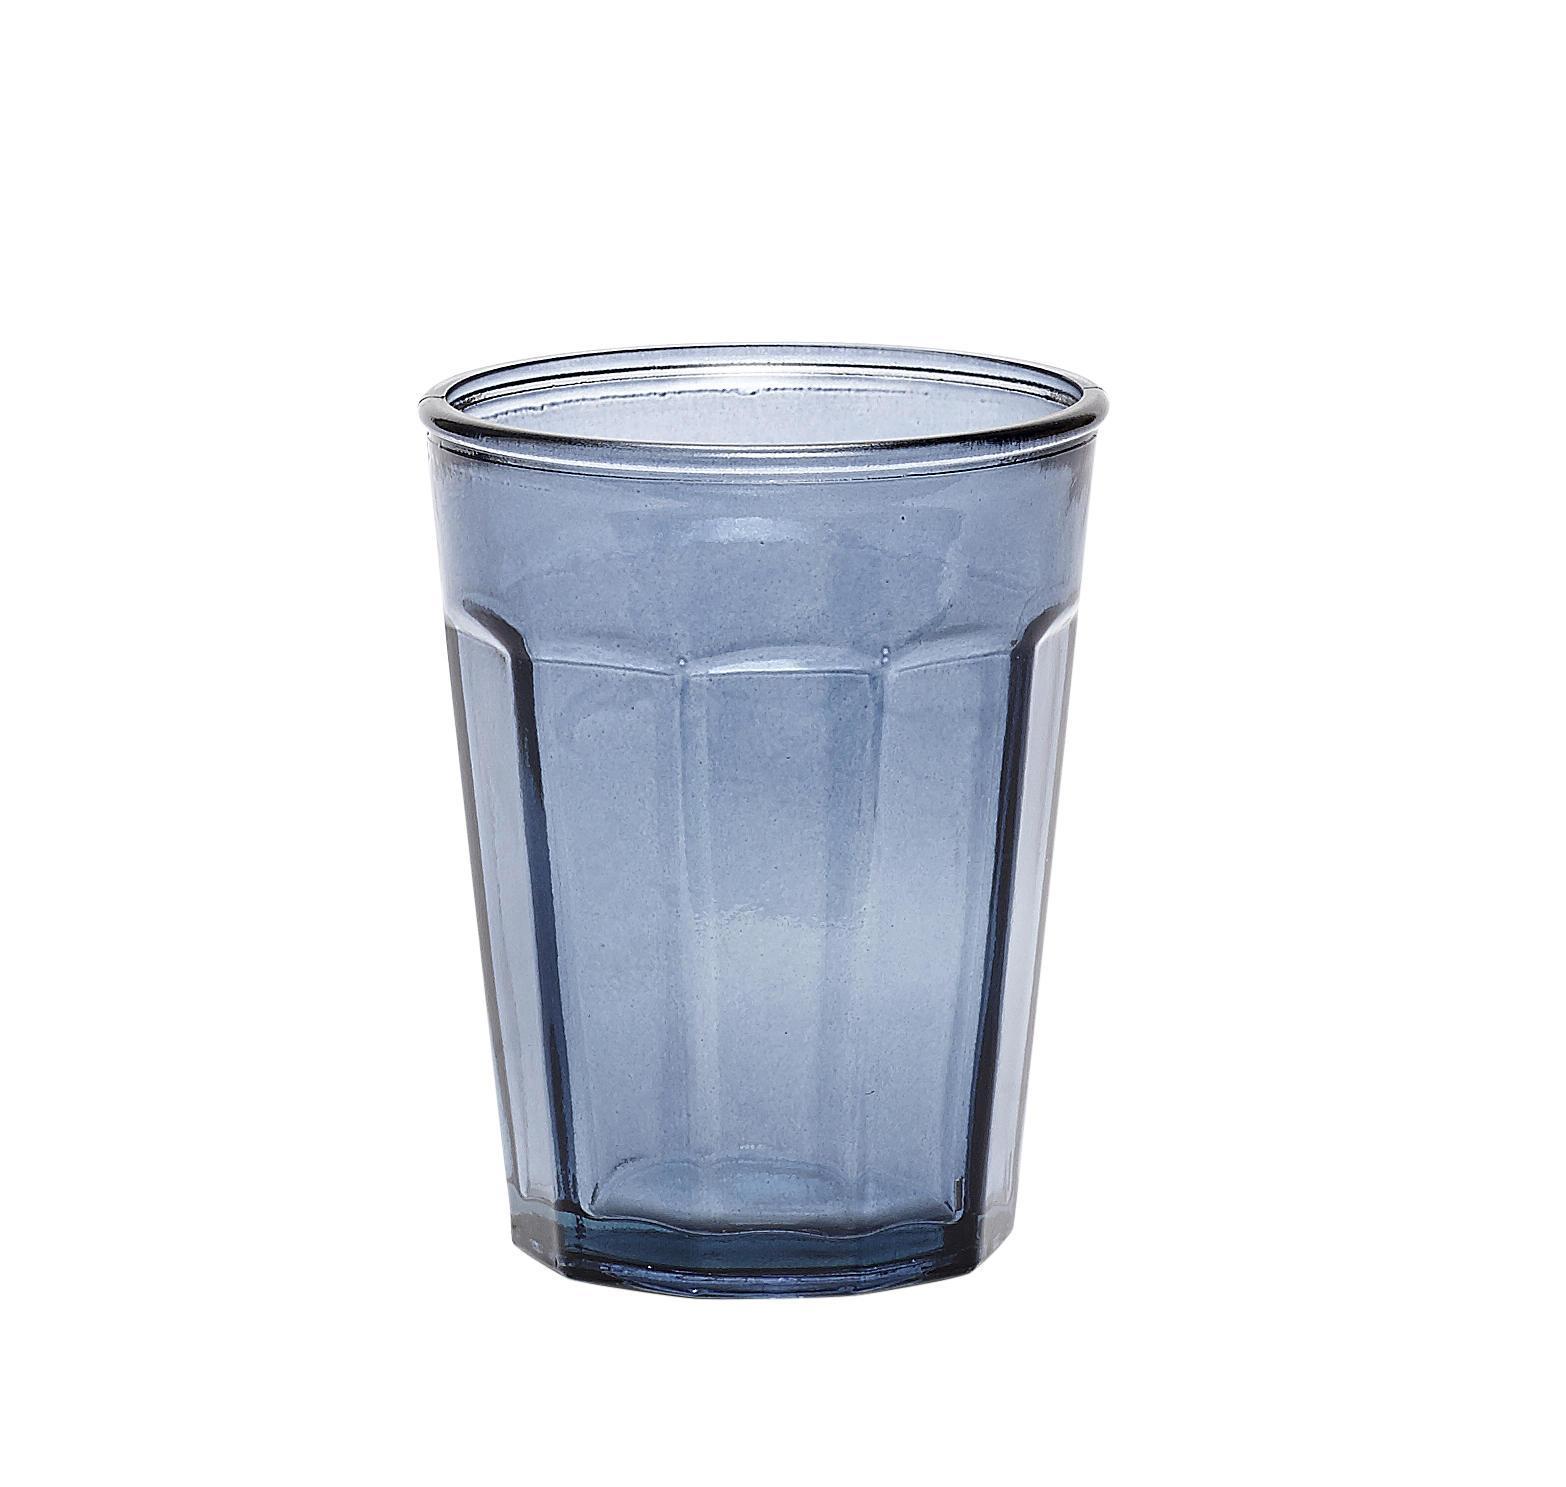 Hübsch Sklenička z recyklovaného skla Blue, modrá barva, sklo